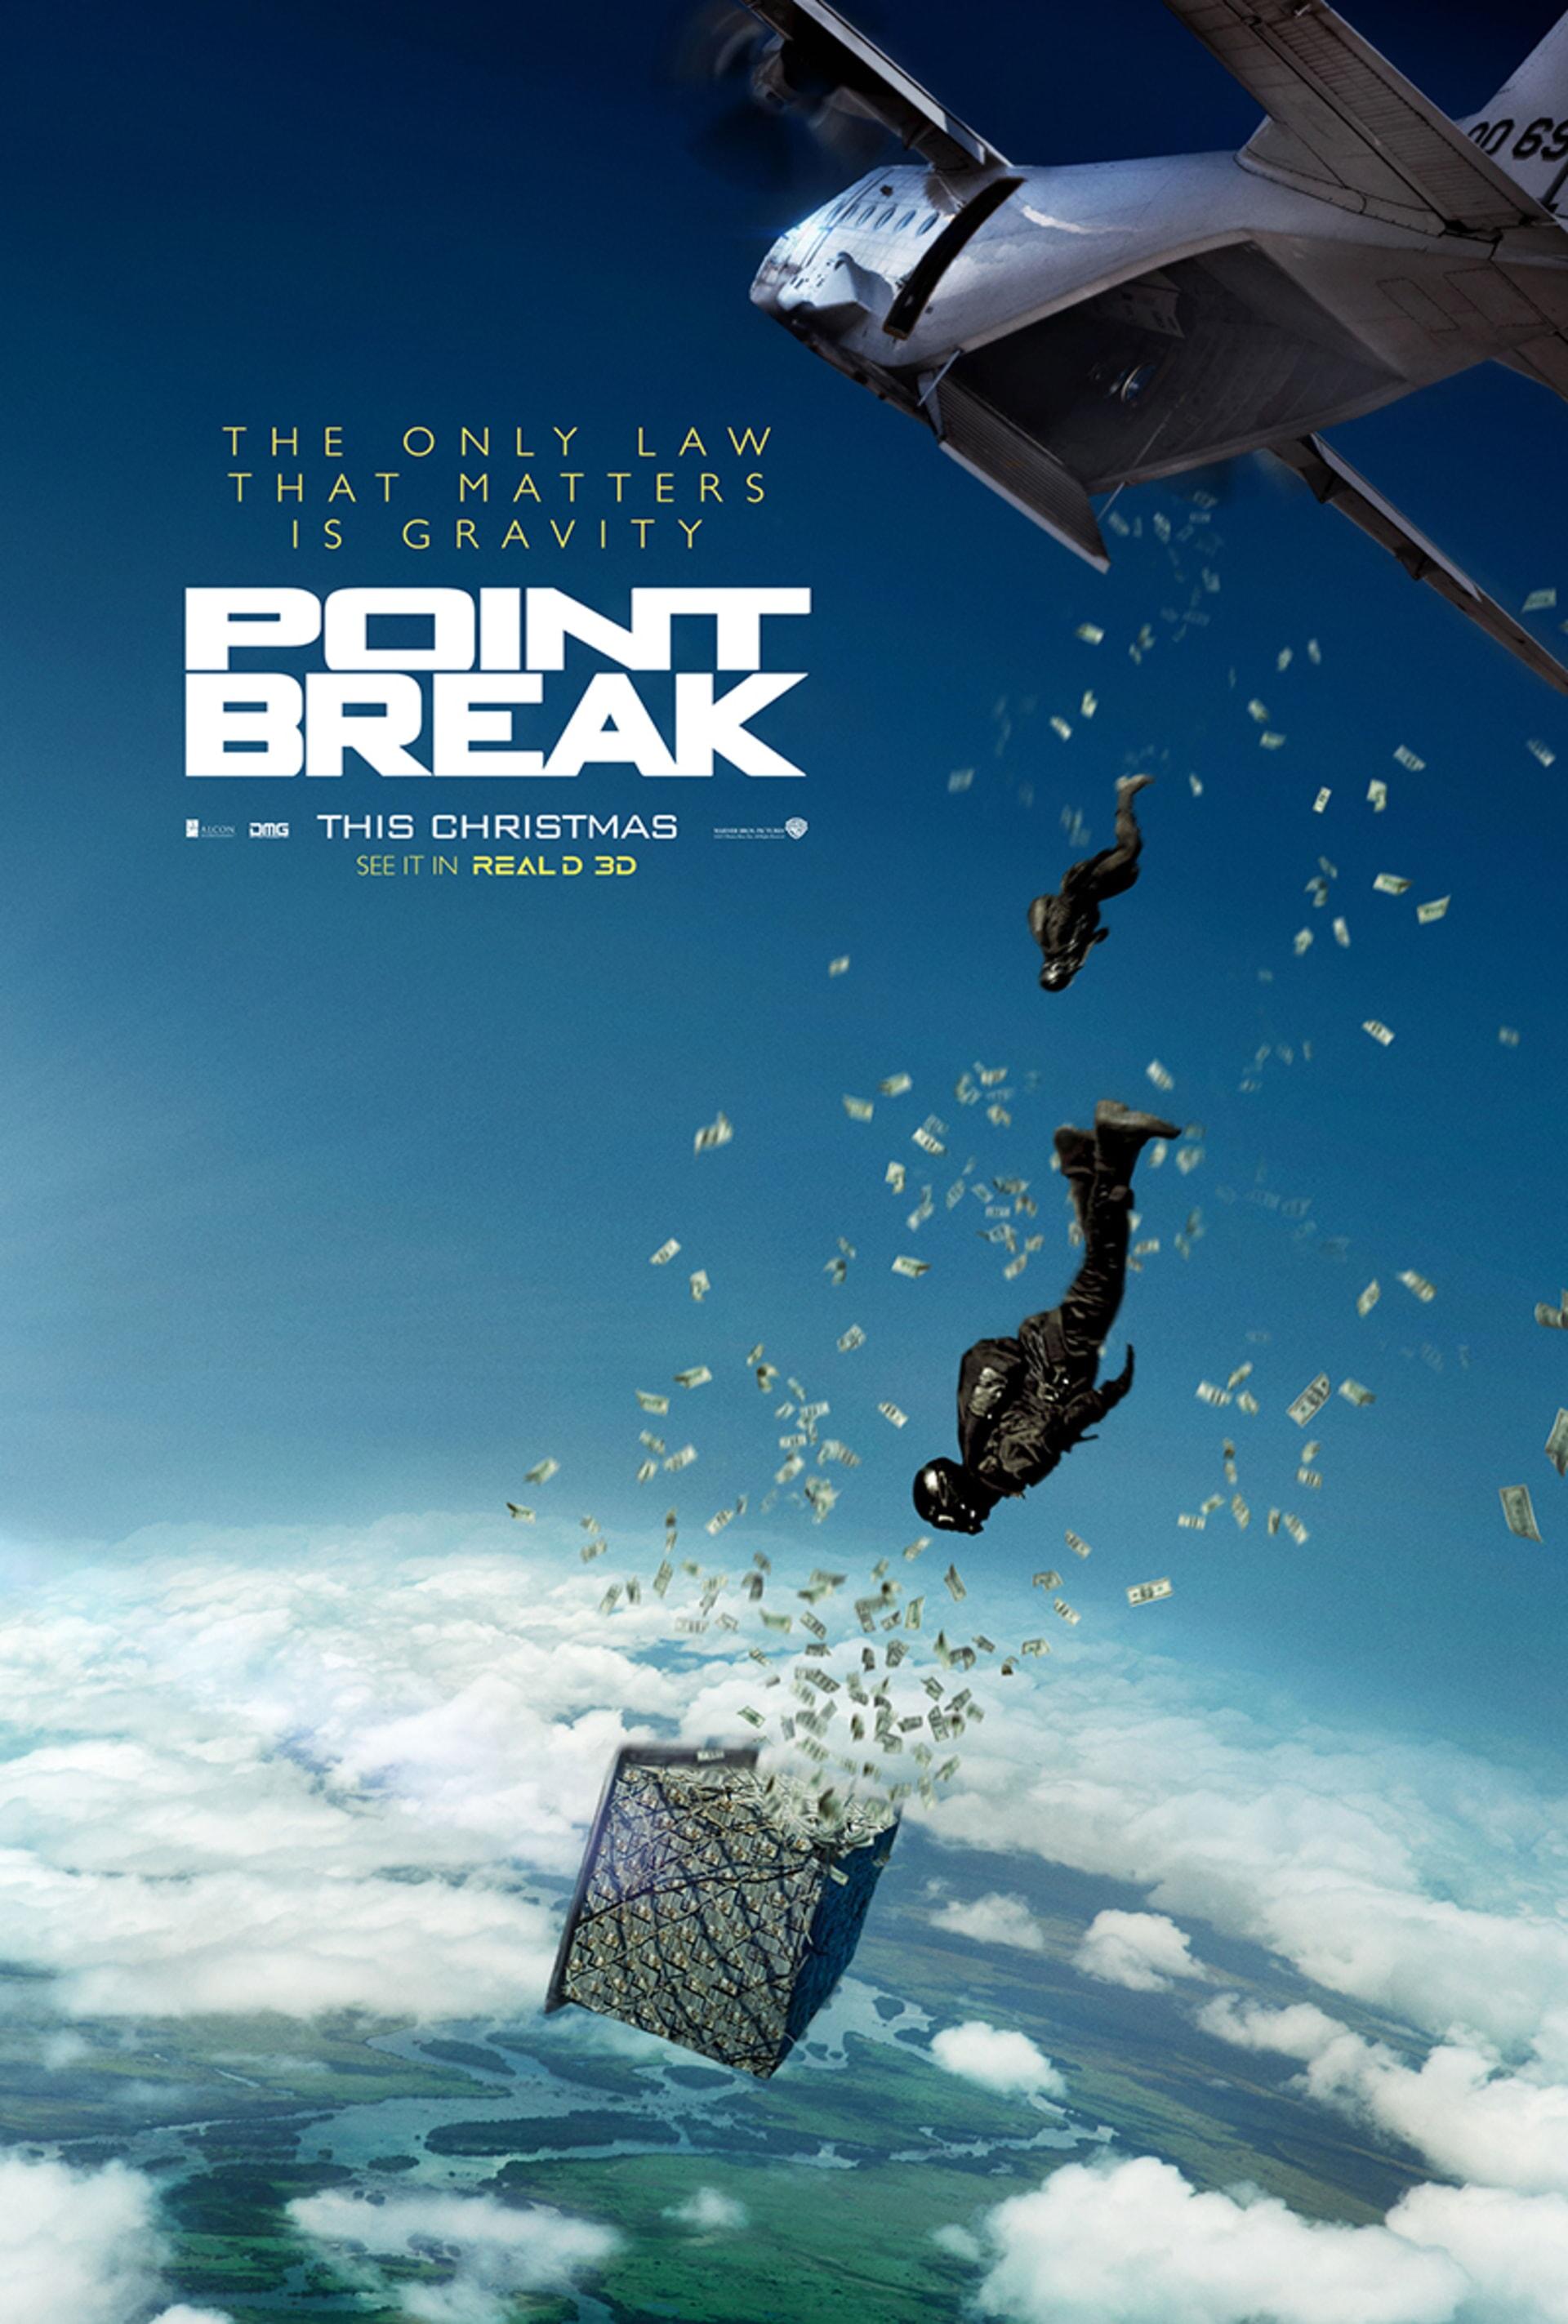 Point Break (2015) - Poster 2